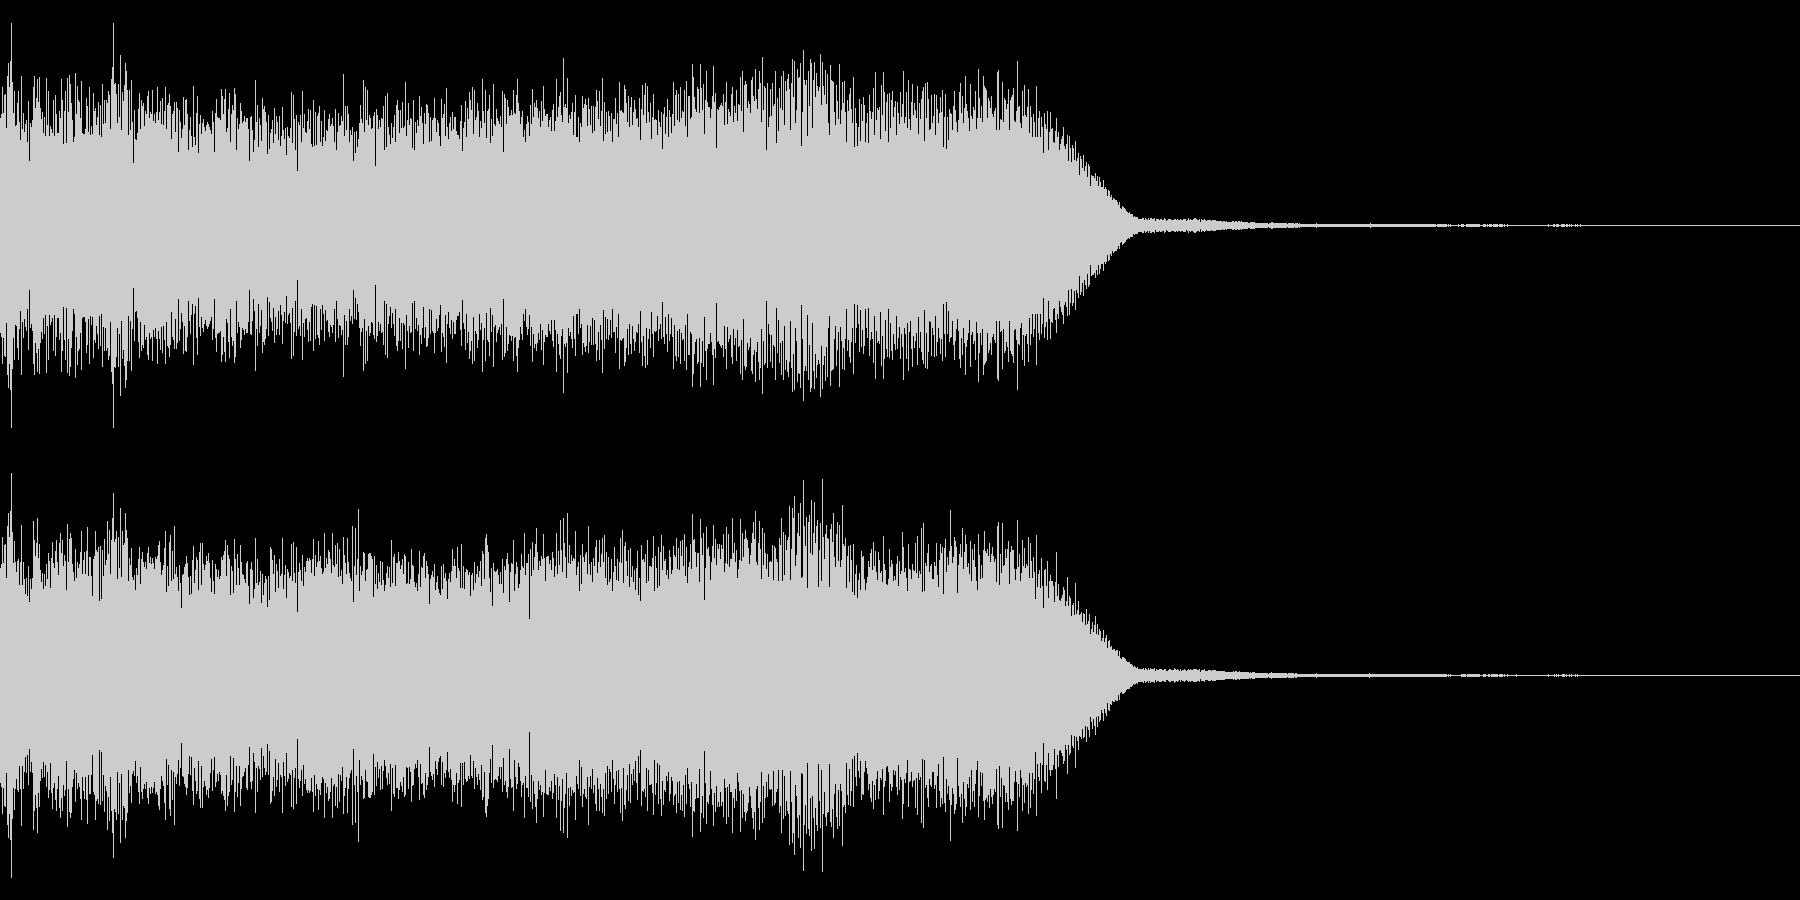 ロック・メタル系 ギターの速弾きフレーズの未再生の波形